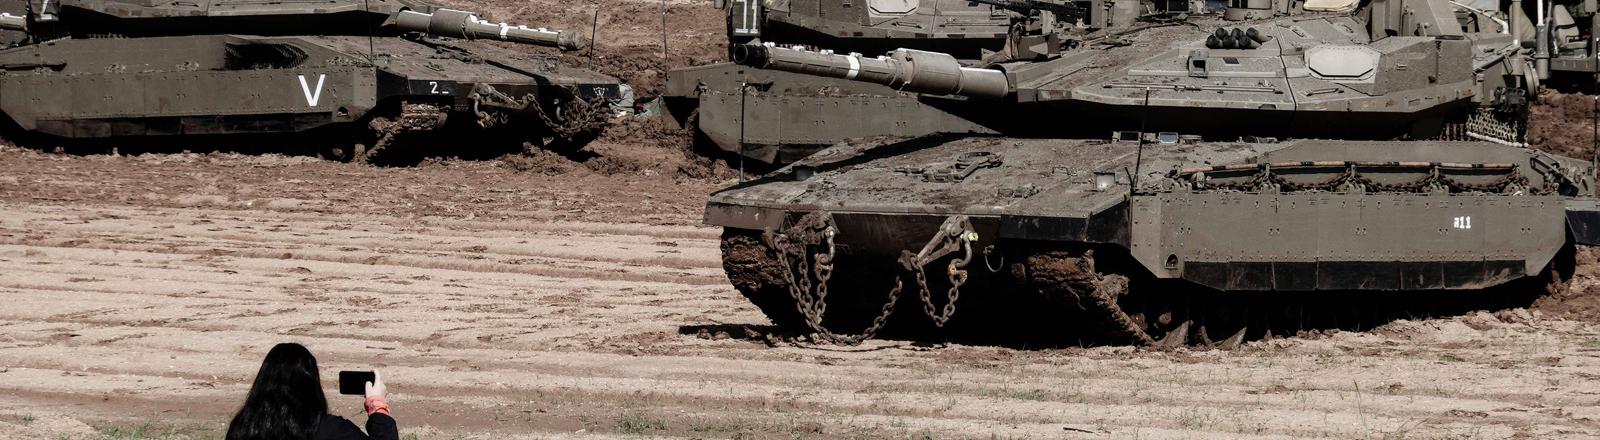 Eine Frau mit einem Smartphone in der Hand steht vor jeder Menge Panzer auf einem Acker